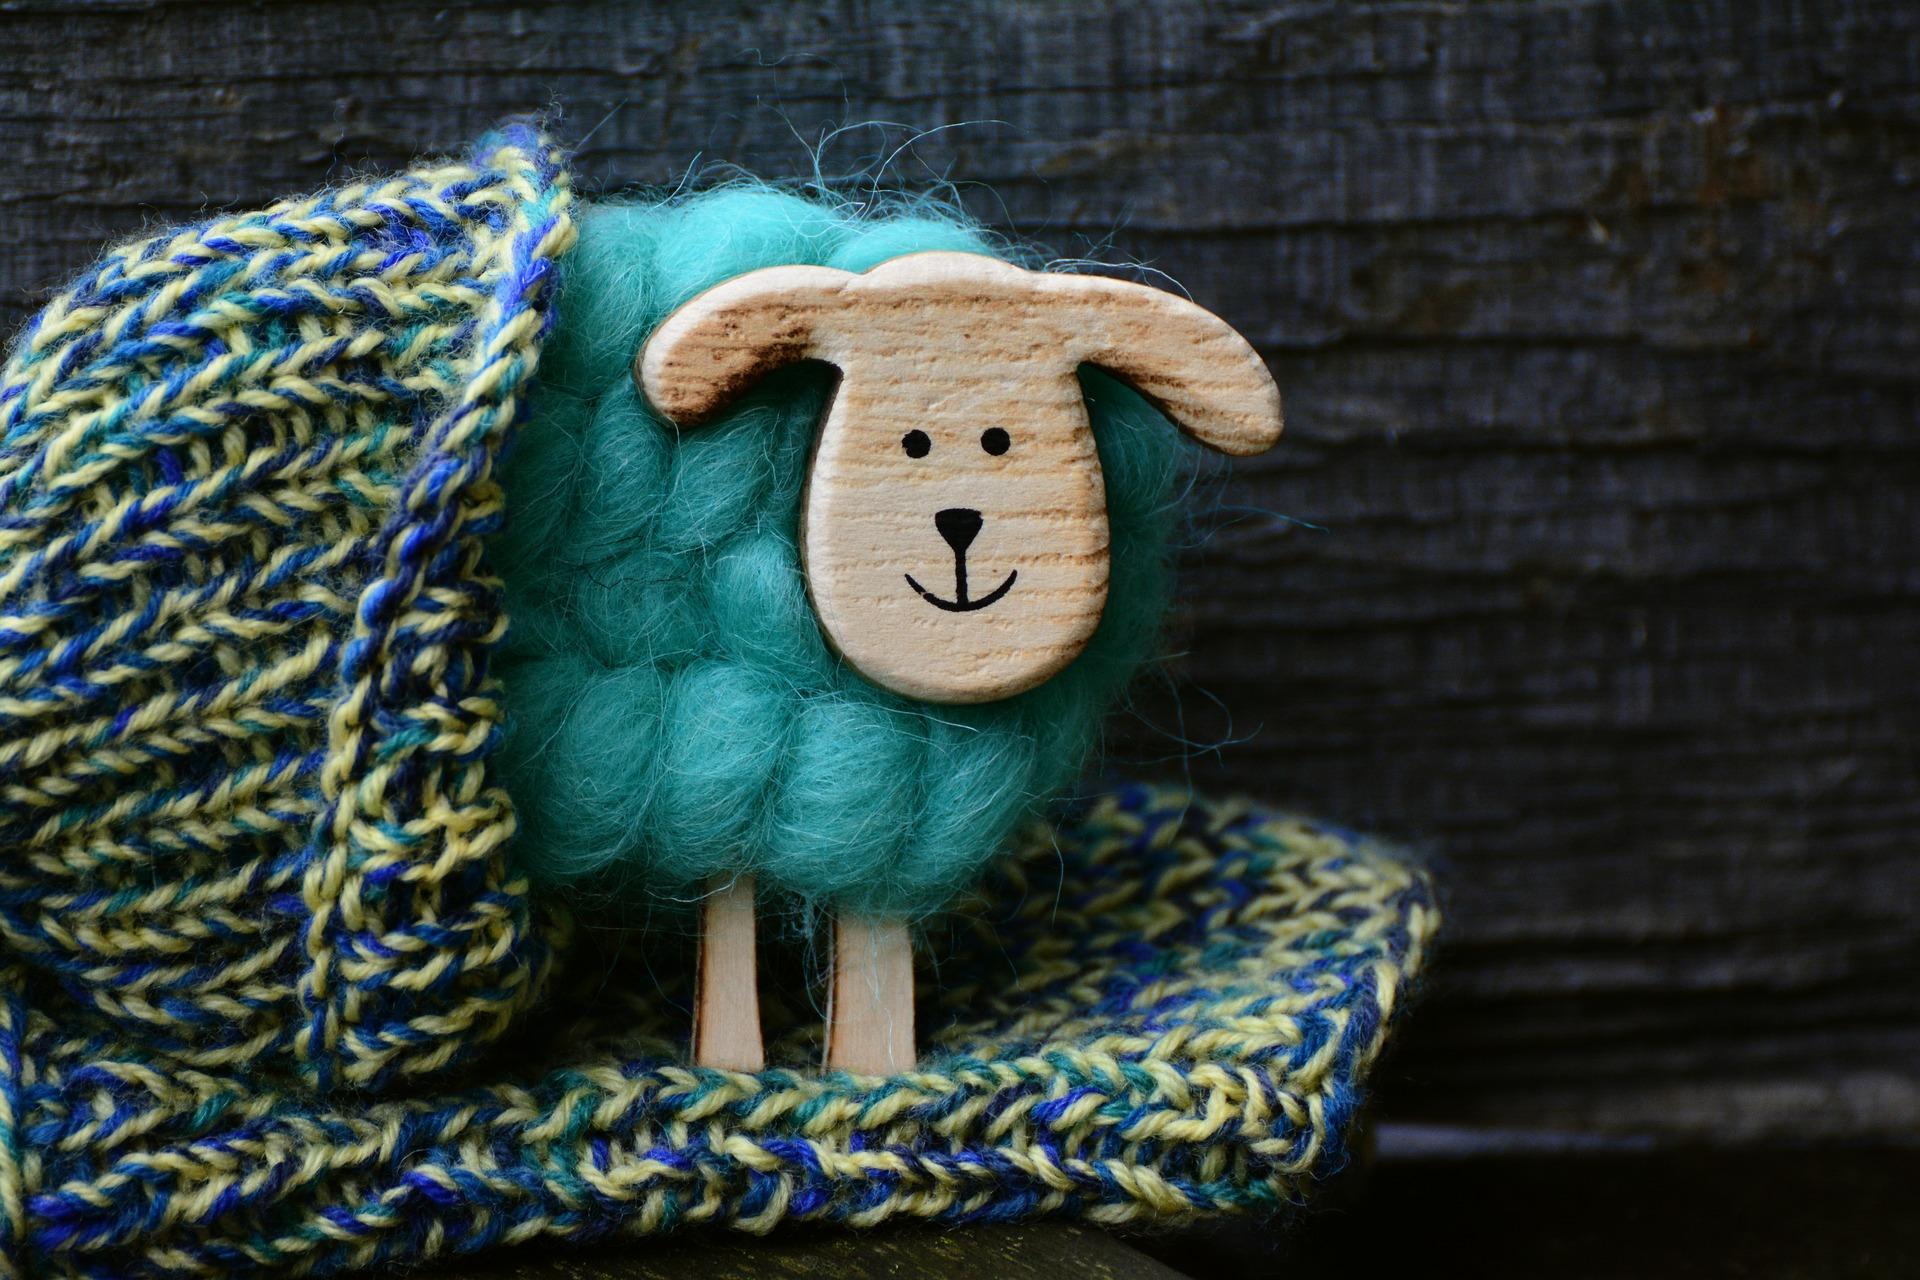 sheep-3103597_1920.jpg